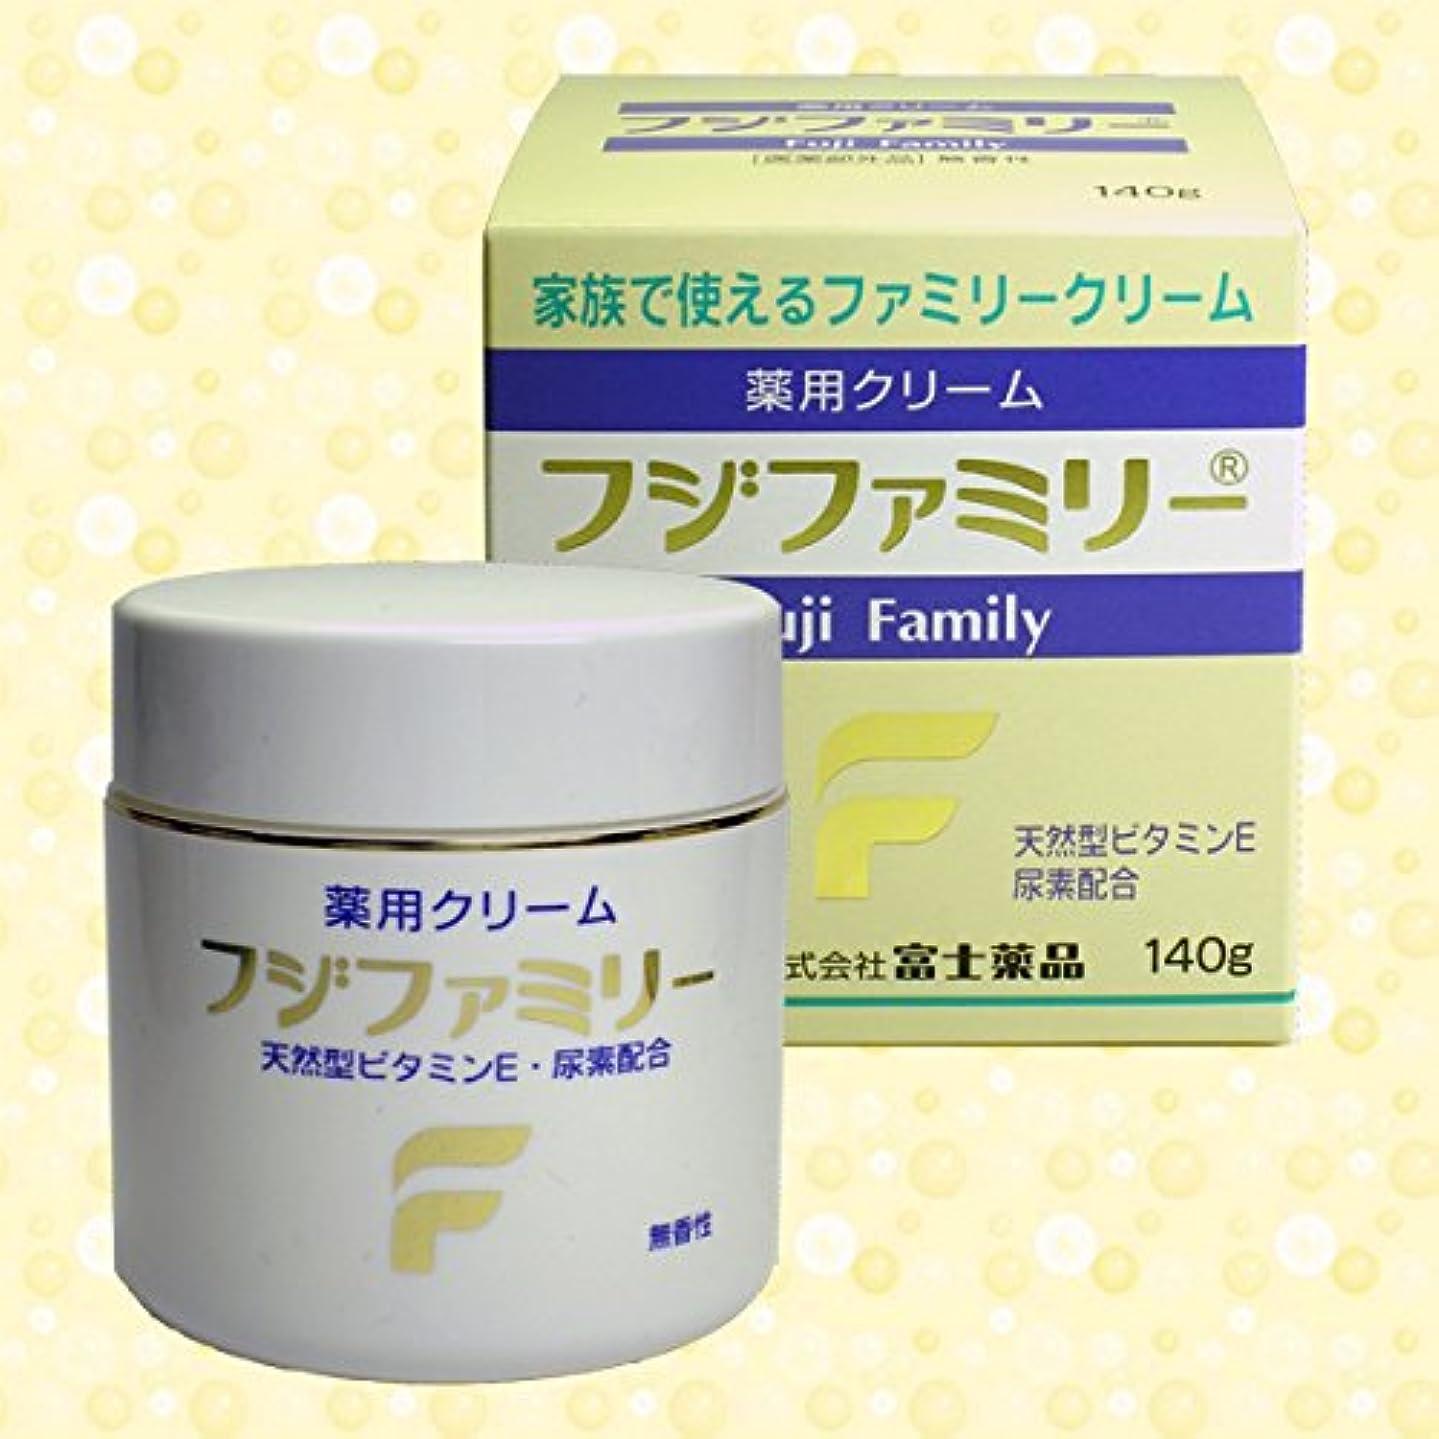 影のある従者お金ゴム富士薬品 増量 薬用クリームフジファミリー140g 医薬部外品